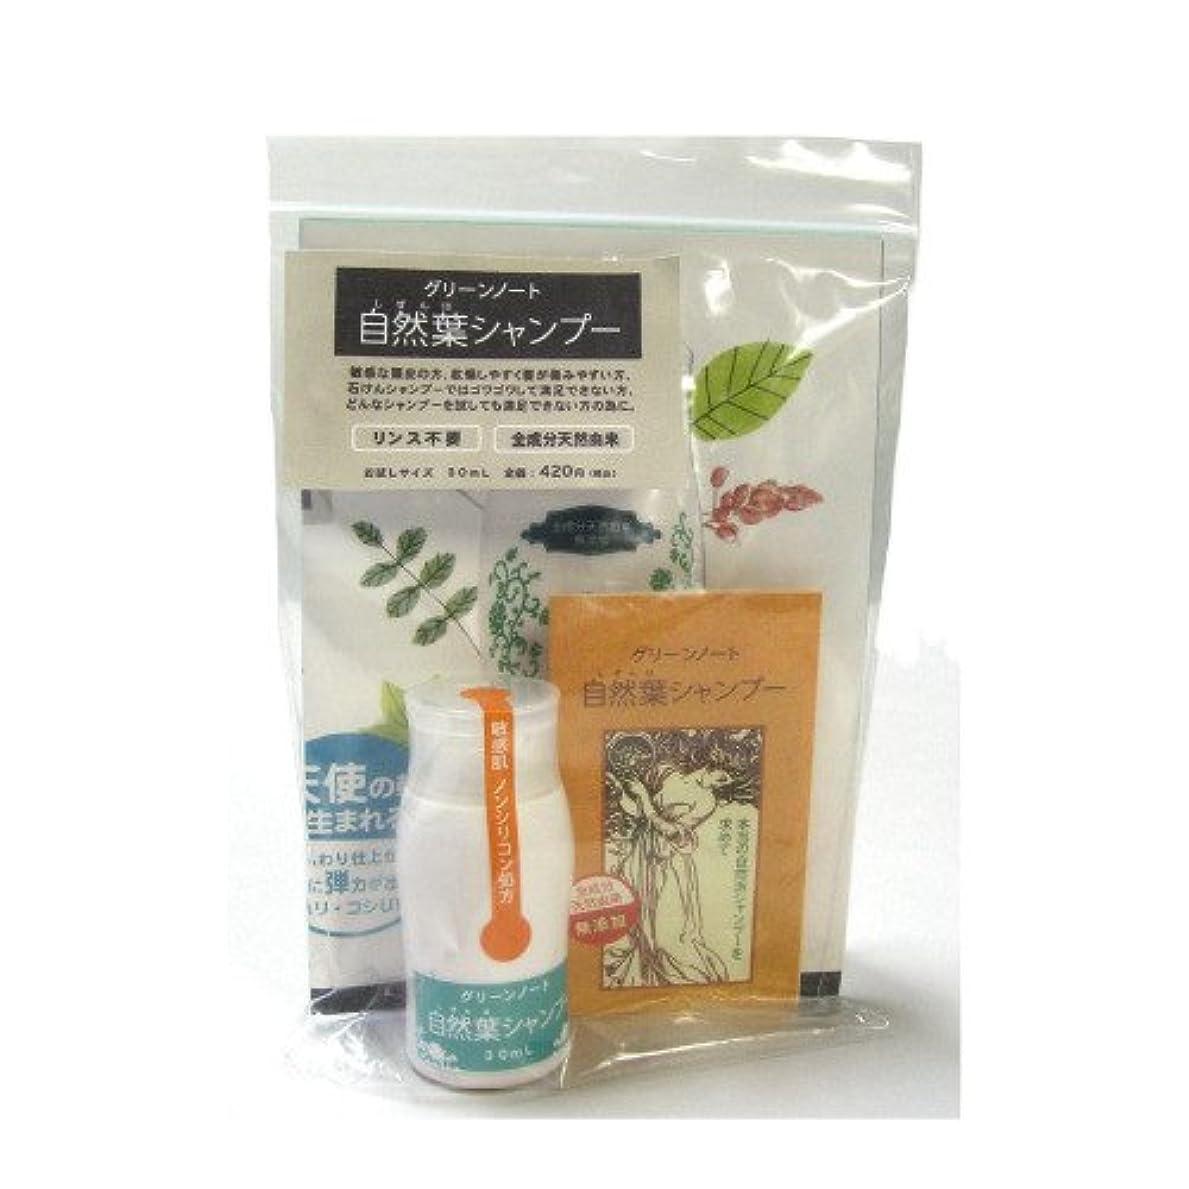 講師ジョグ感覚自然葉シャンプーミニサイズ(30ml)